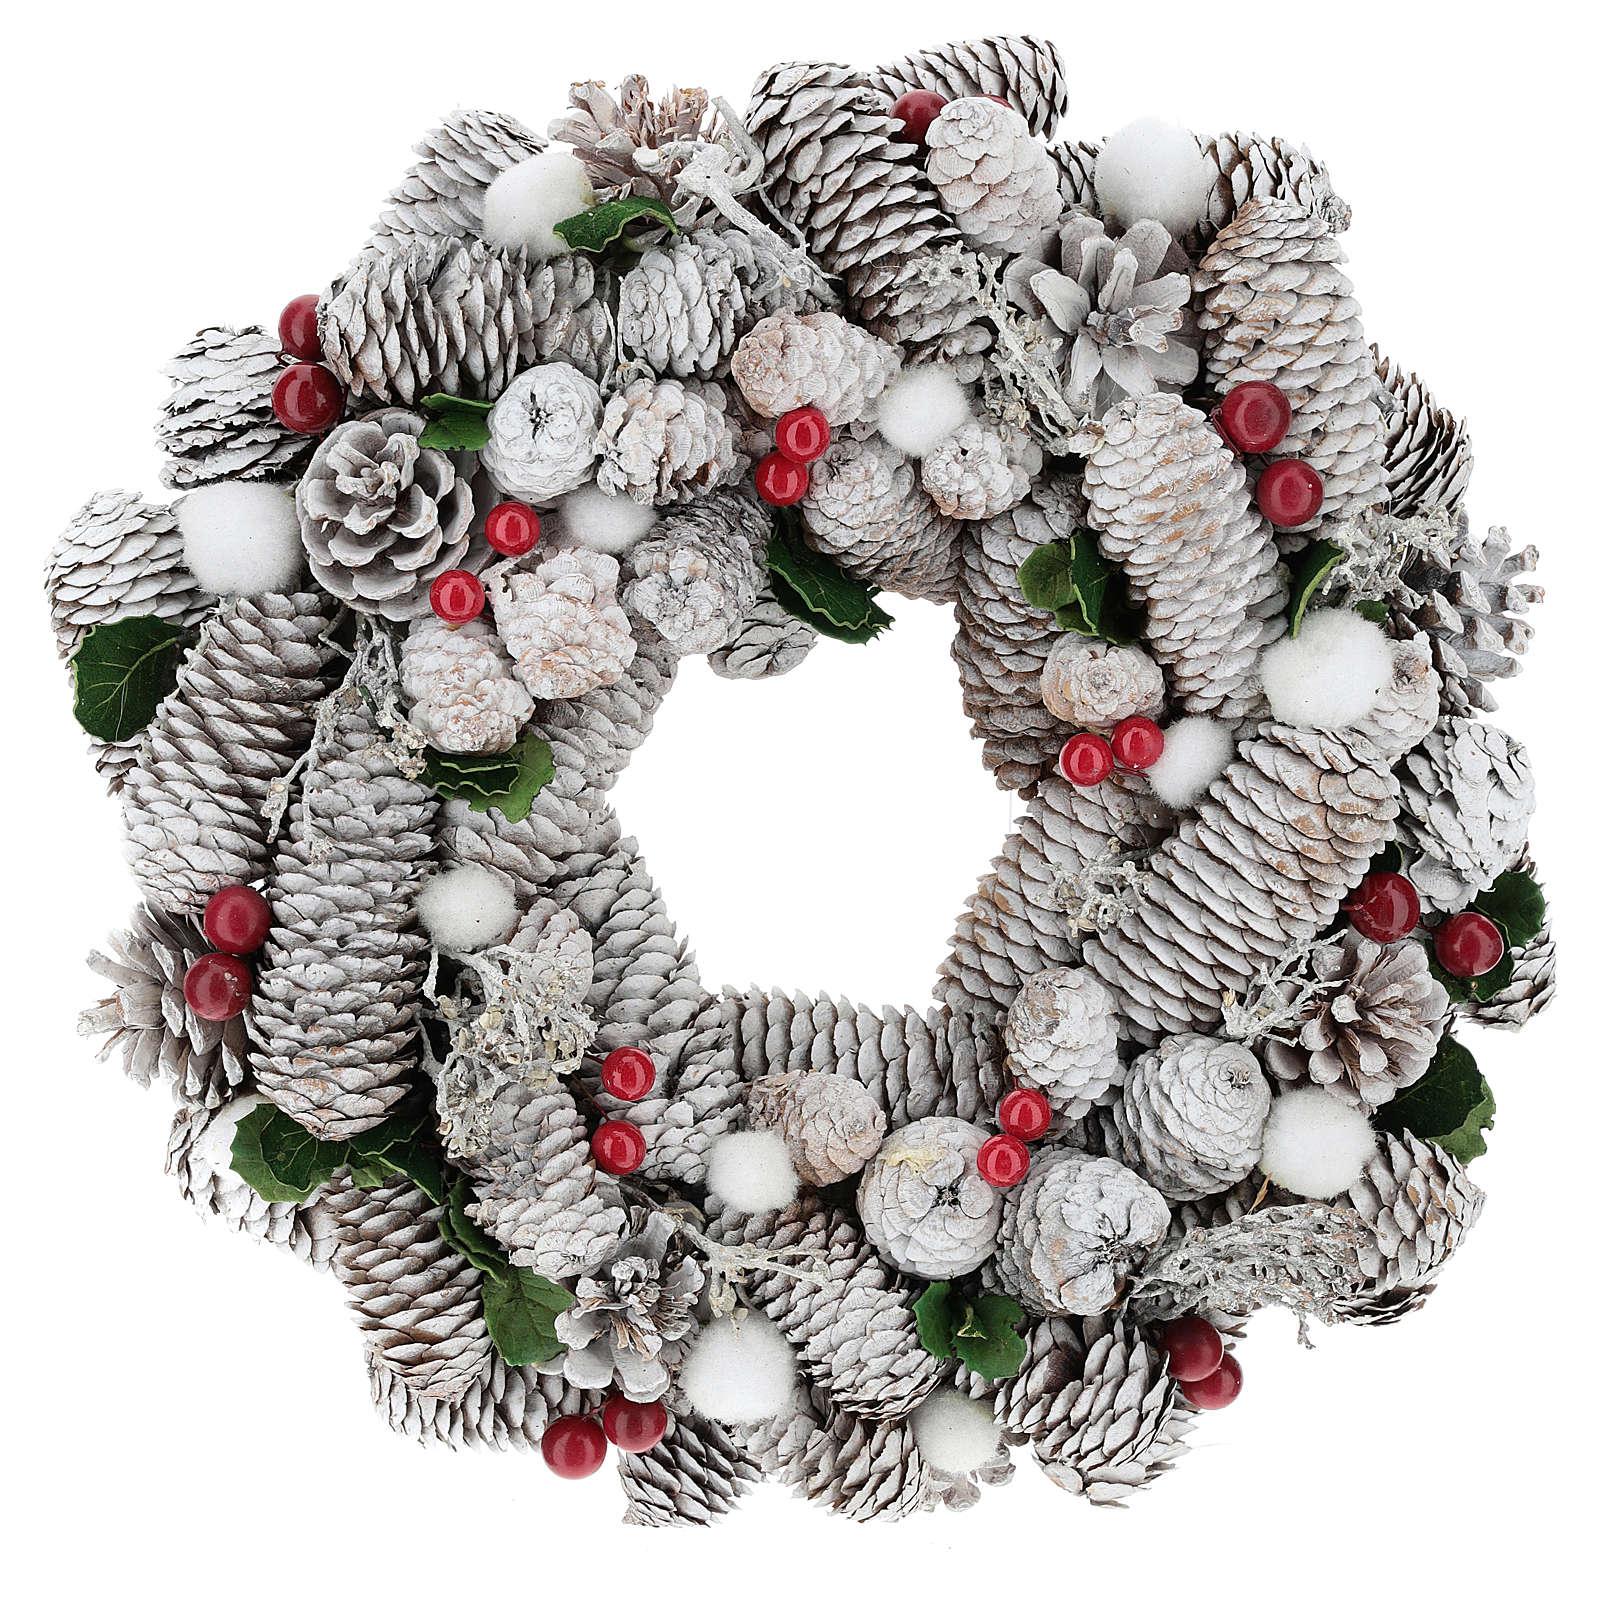 Couronne de Noël blanche pomme de pin et houx 33 cm 3